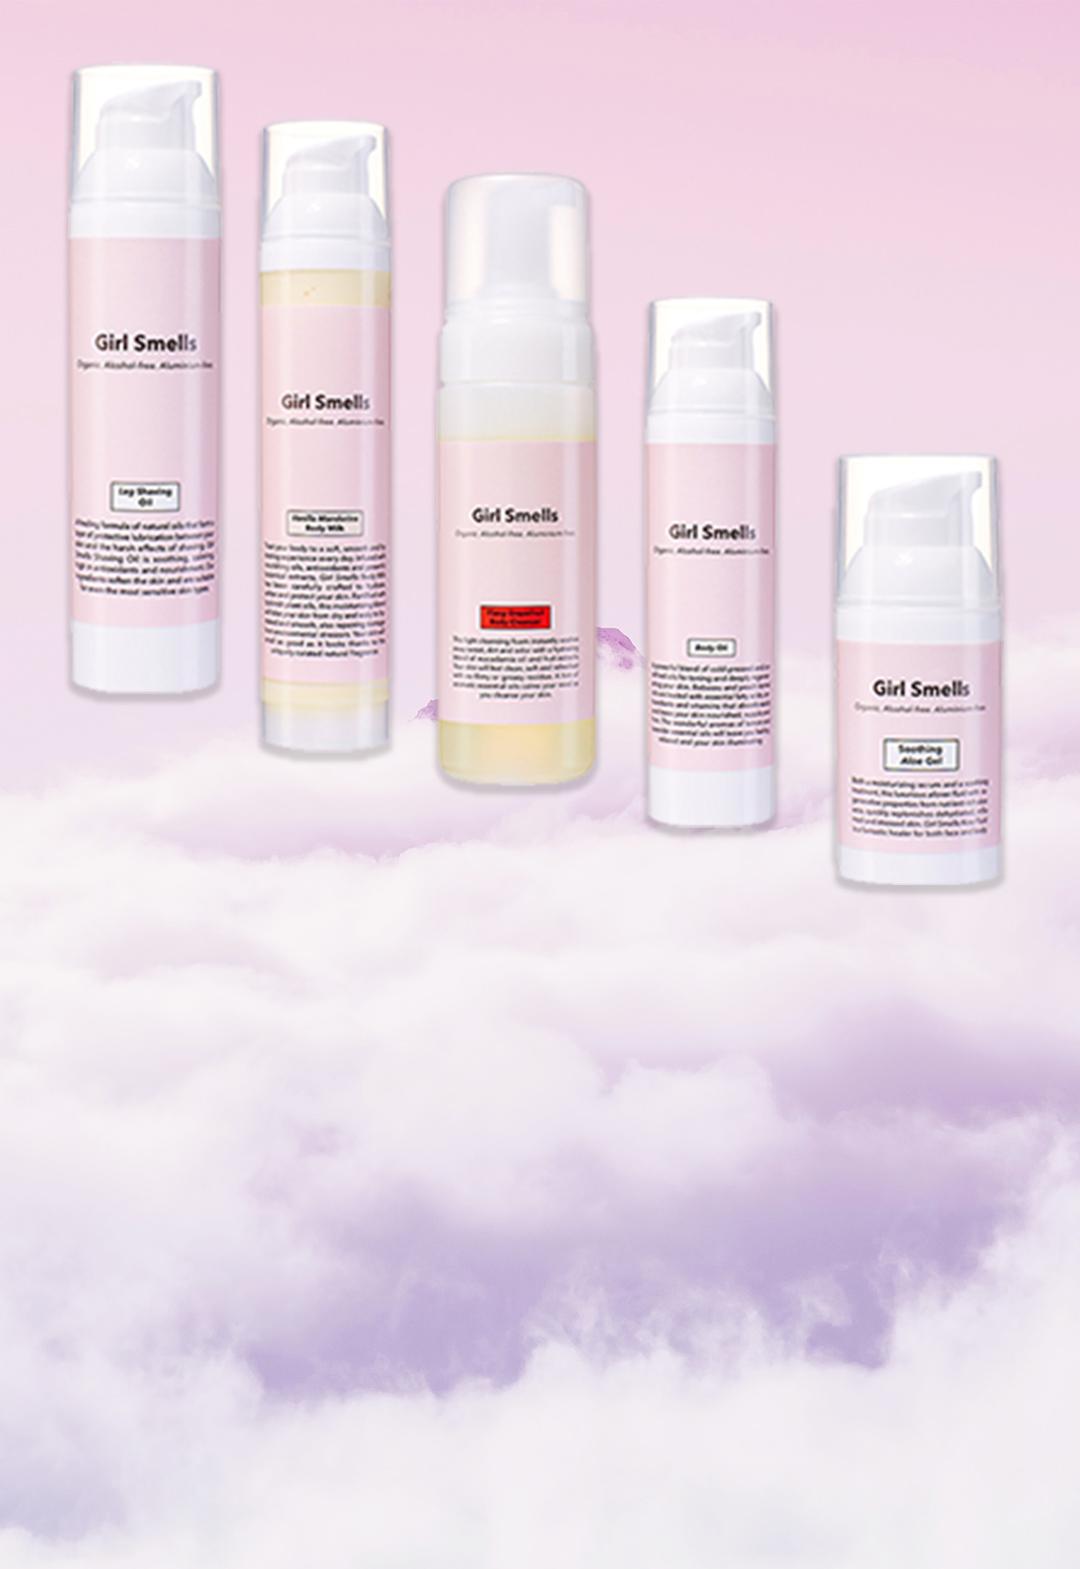 Neues von Girl Smells - Körperpflege - Mobile